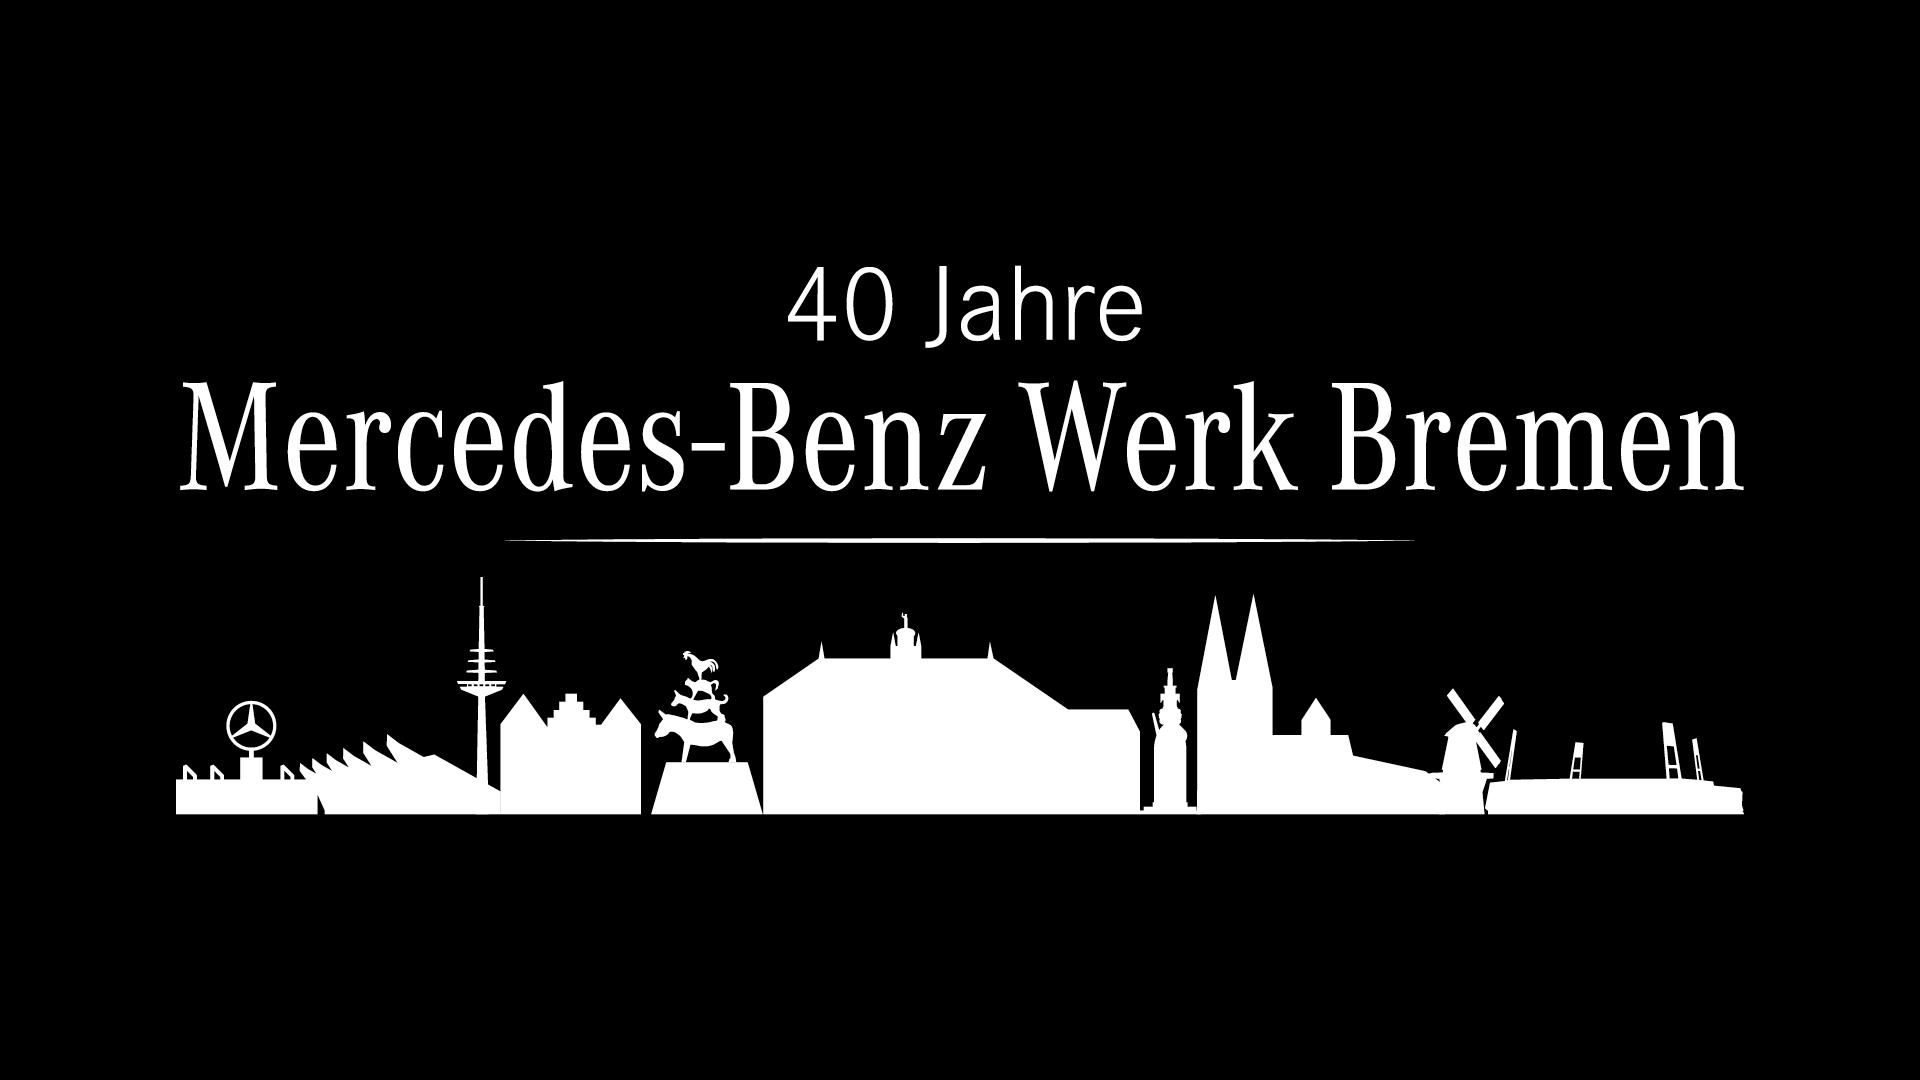 40 jahre mercedes-benz werk bremen · familienfest   demi promotion